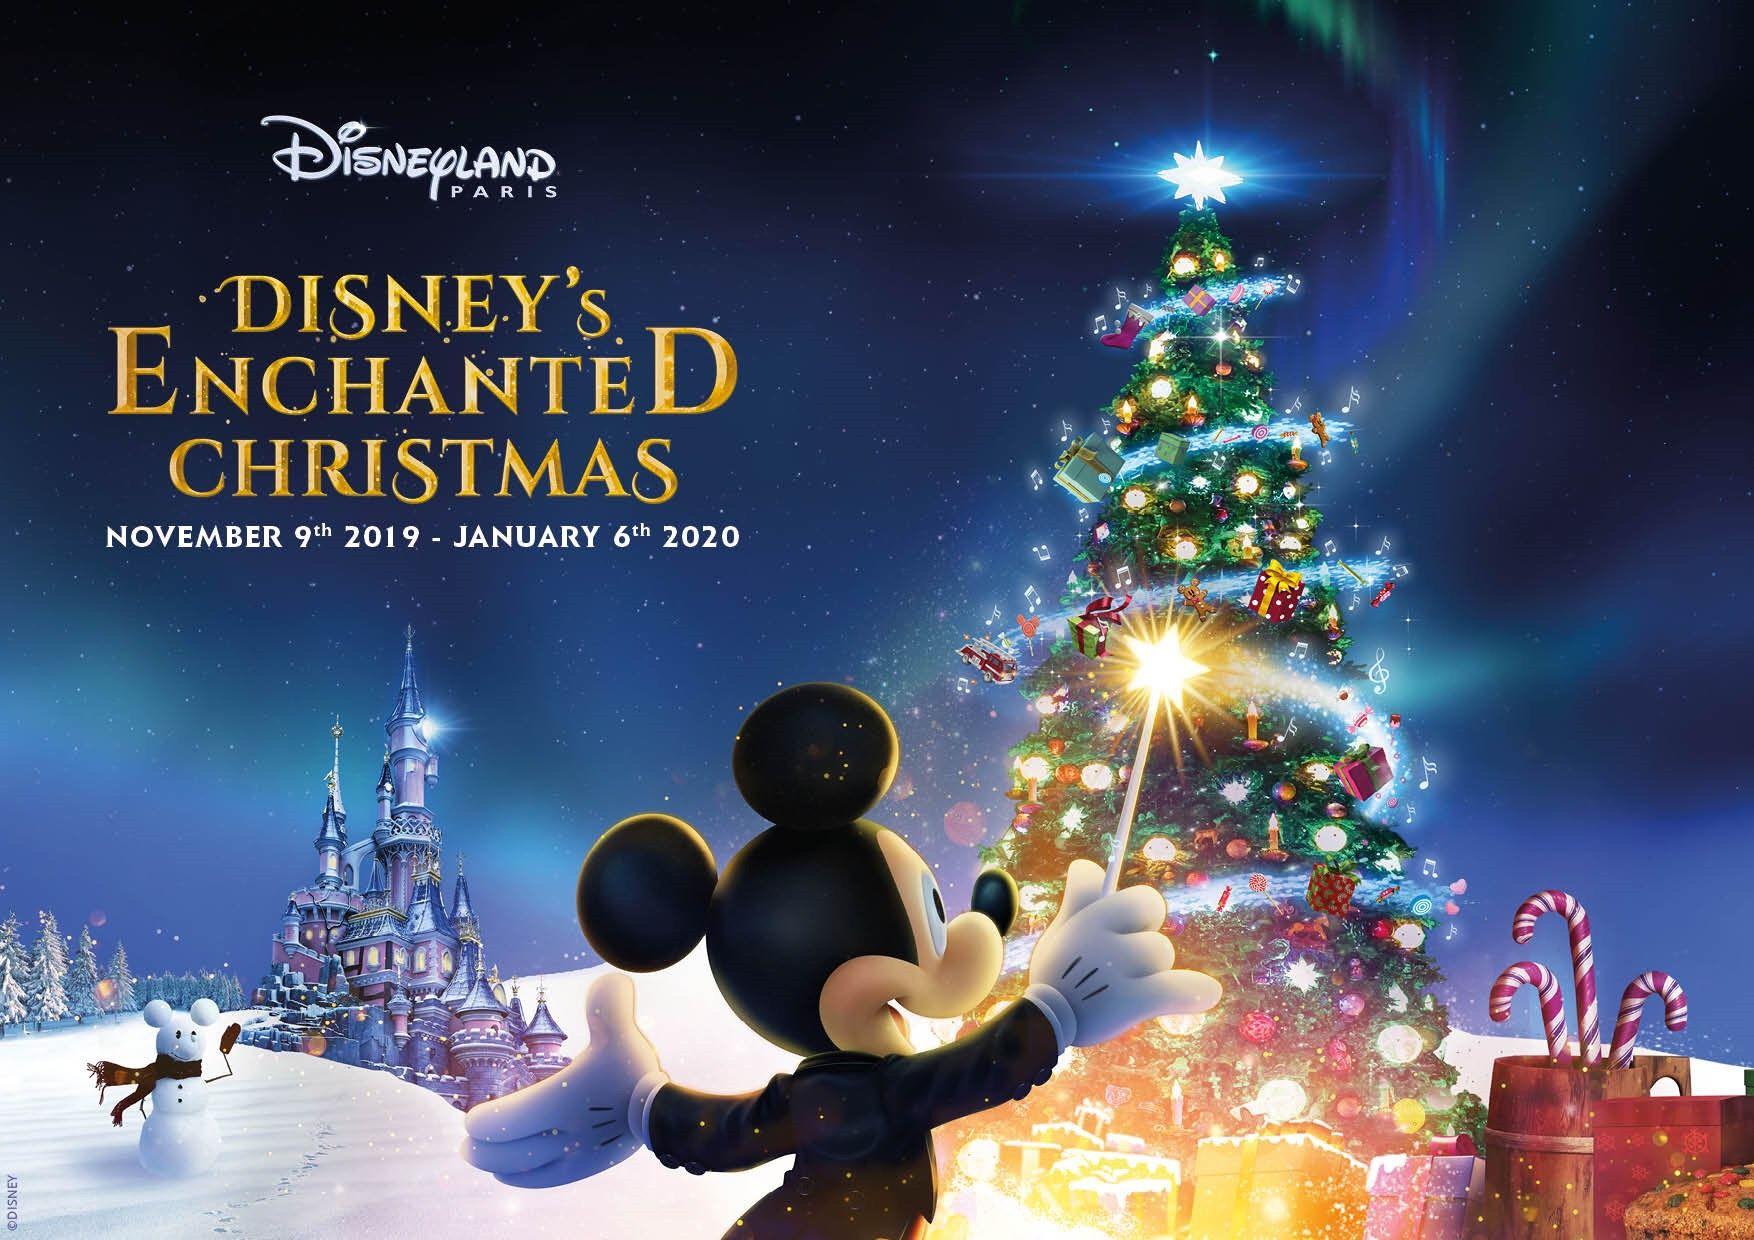 Christmas Returning to Disneyland Paris with Disney's